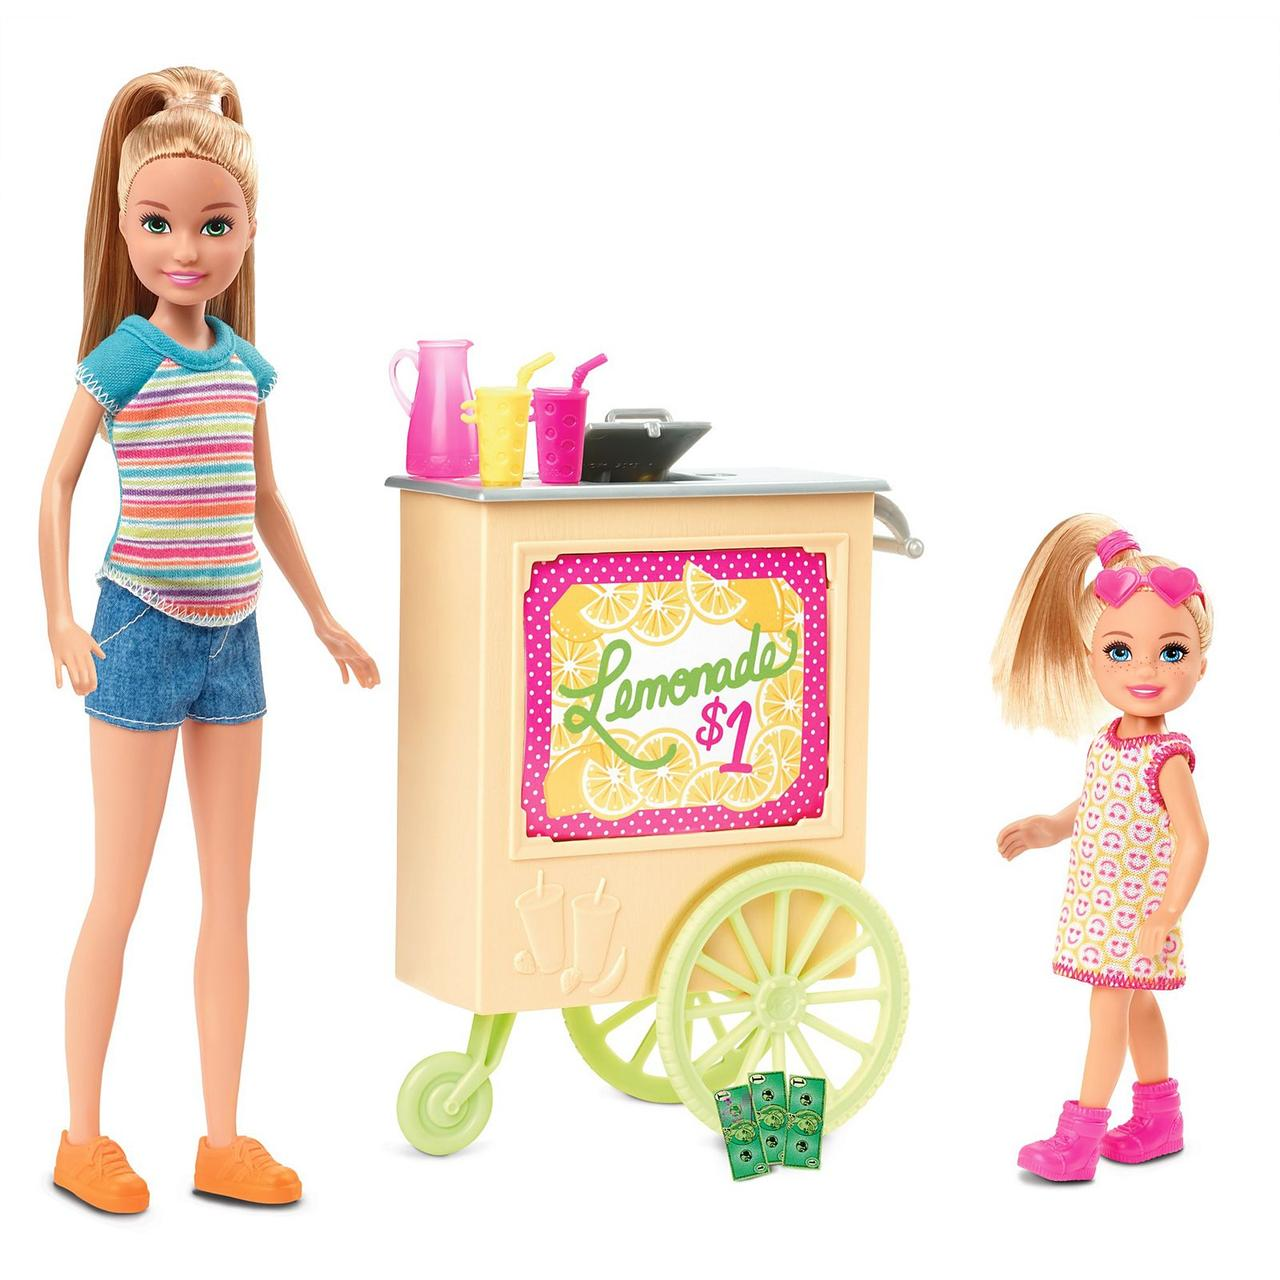 Игровой набор Лимонадный киоск Барби с куклами Стейси и Челси